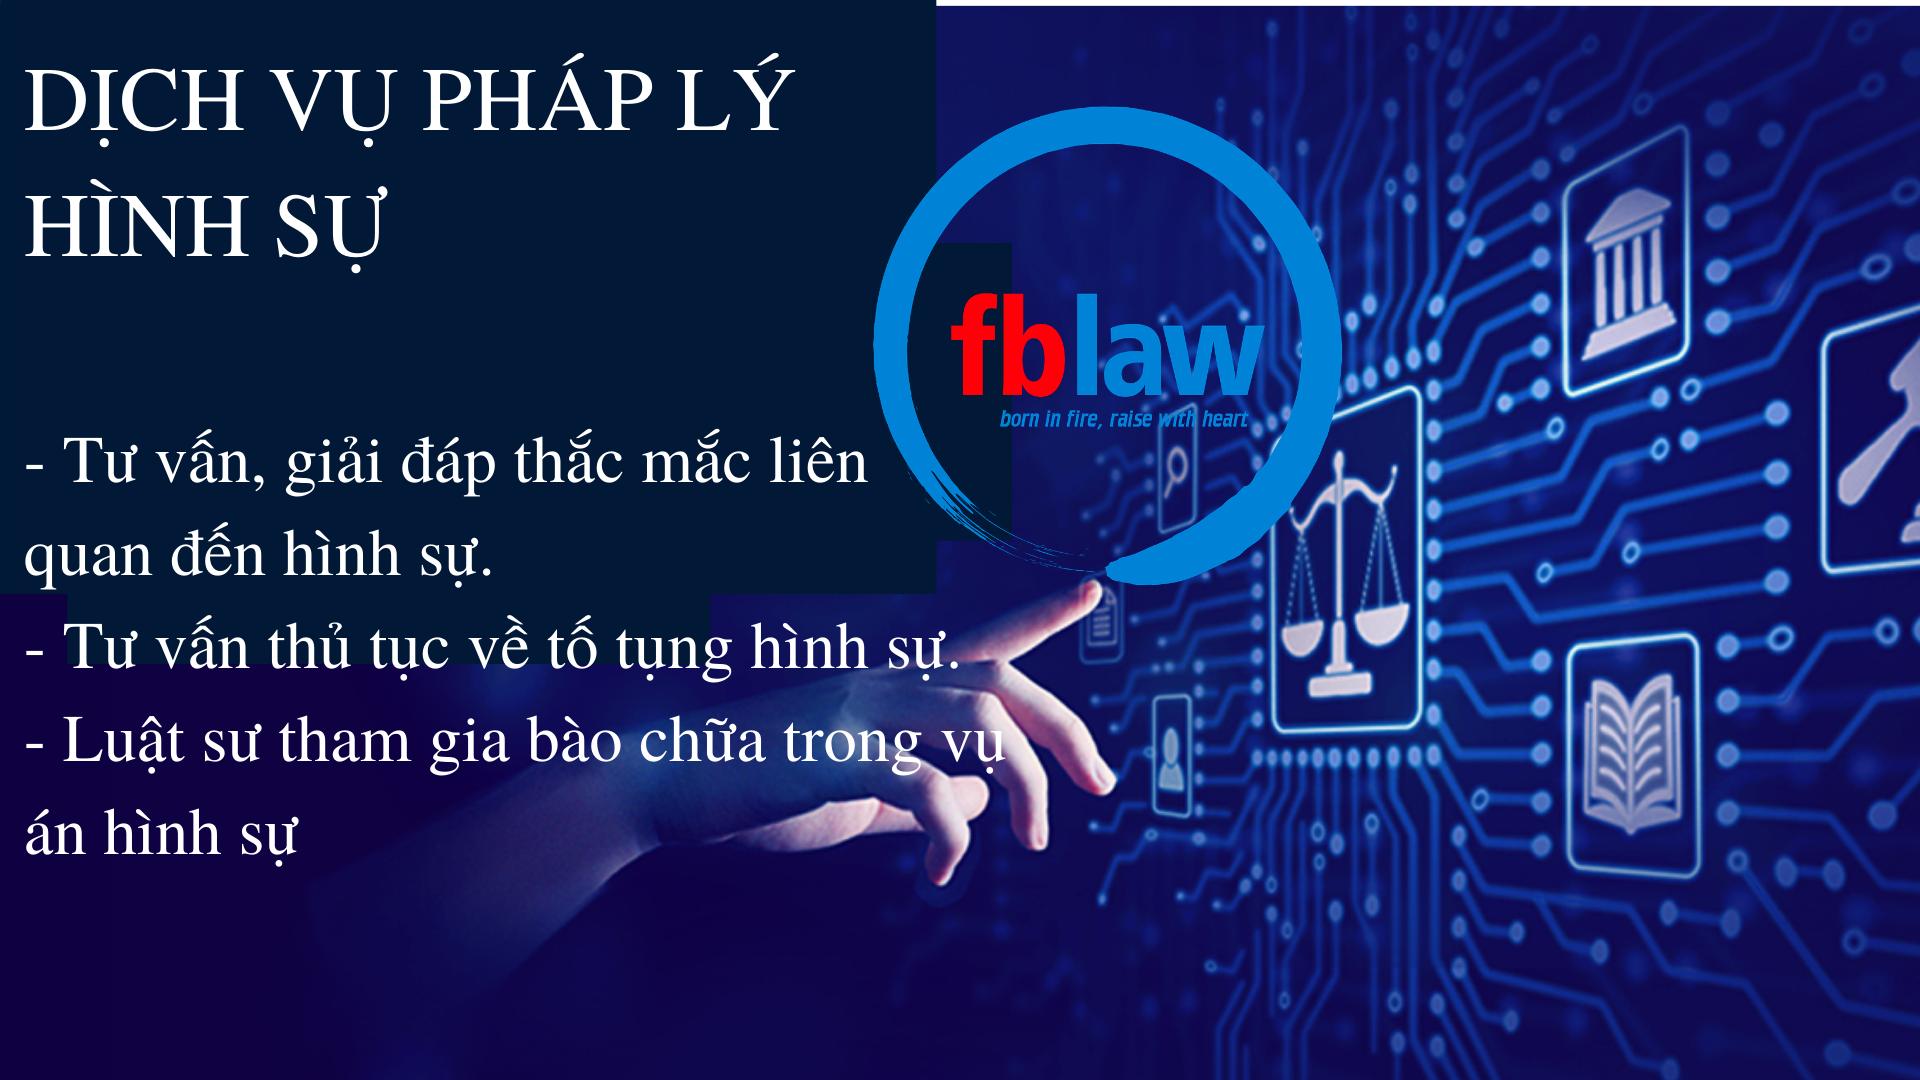 Tư vấn pháp luật về hình sự